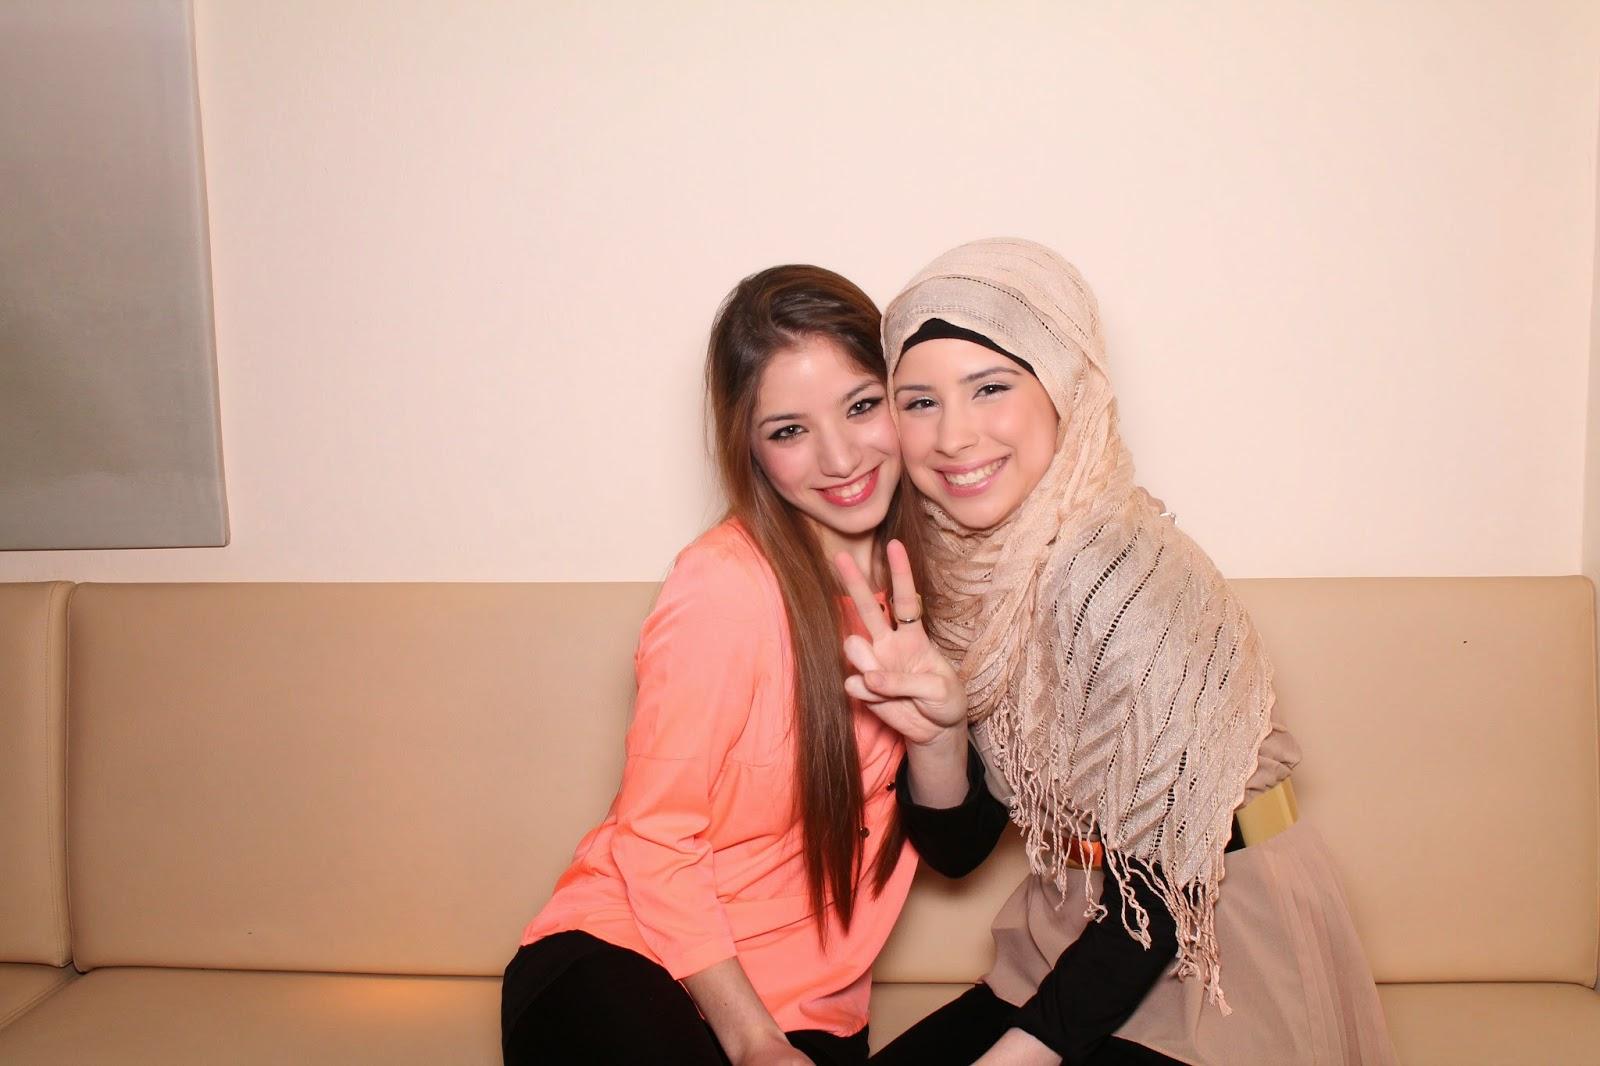 Lamia und Amani, von wegen Peace die Aggressivität sprüht ihnen aus den Augen!